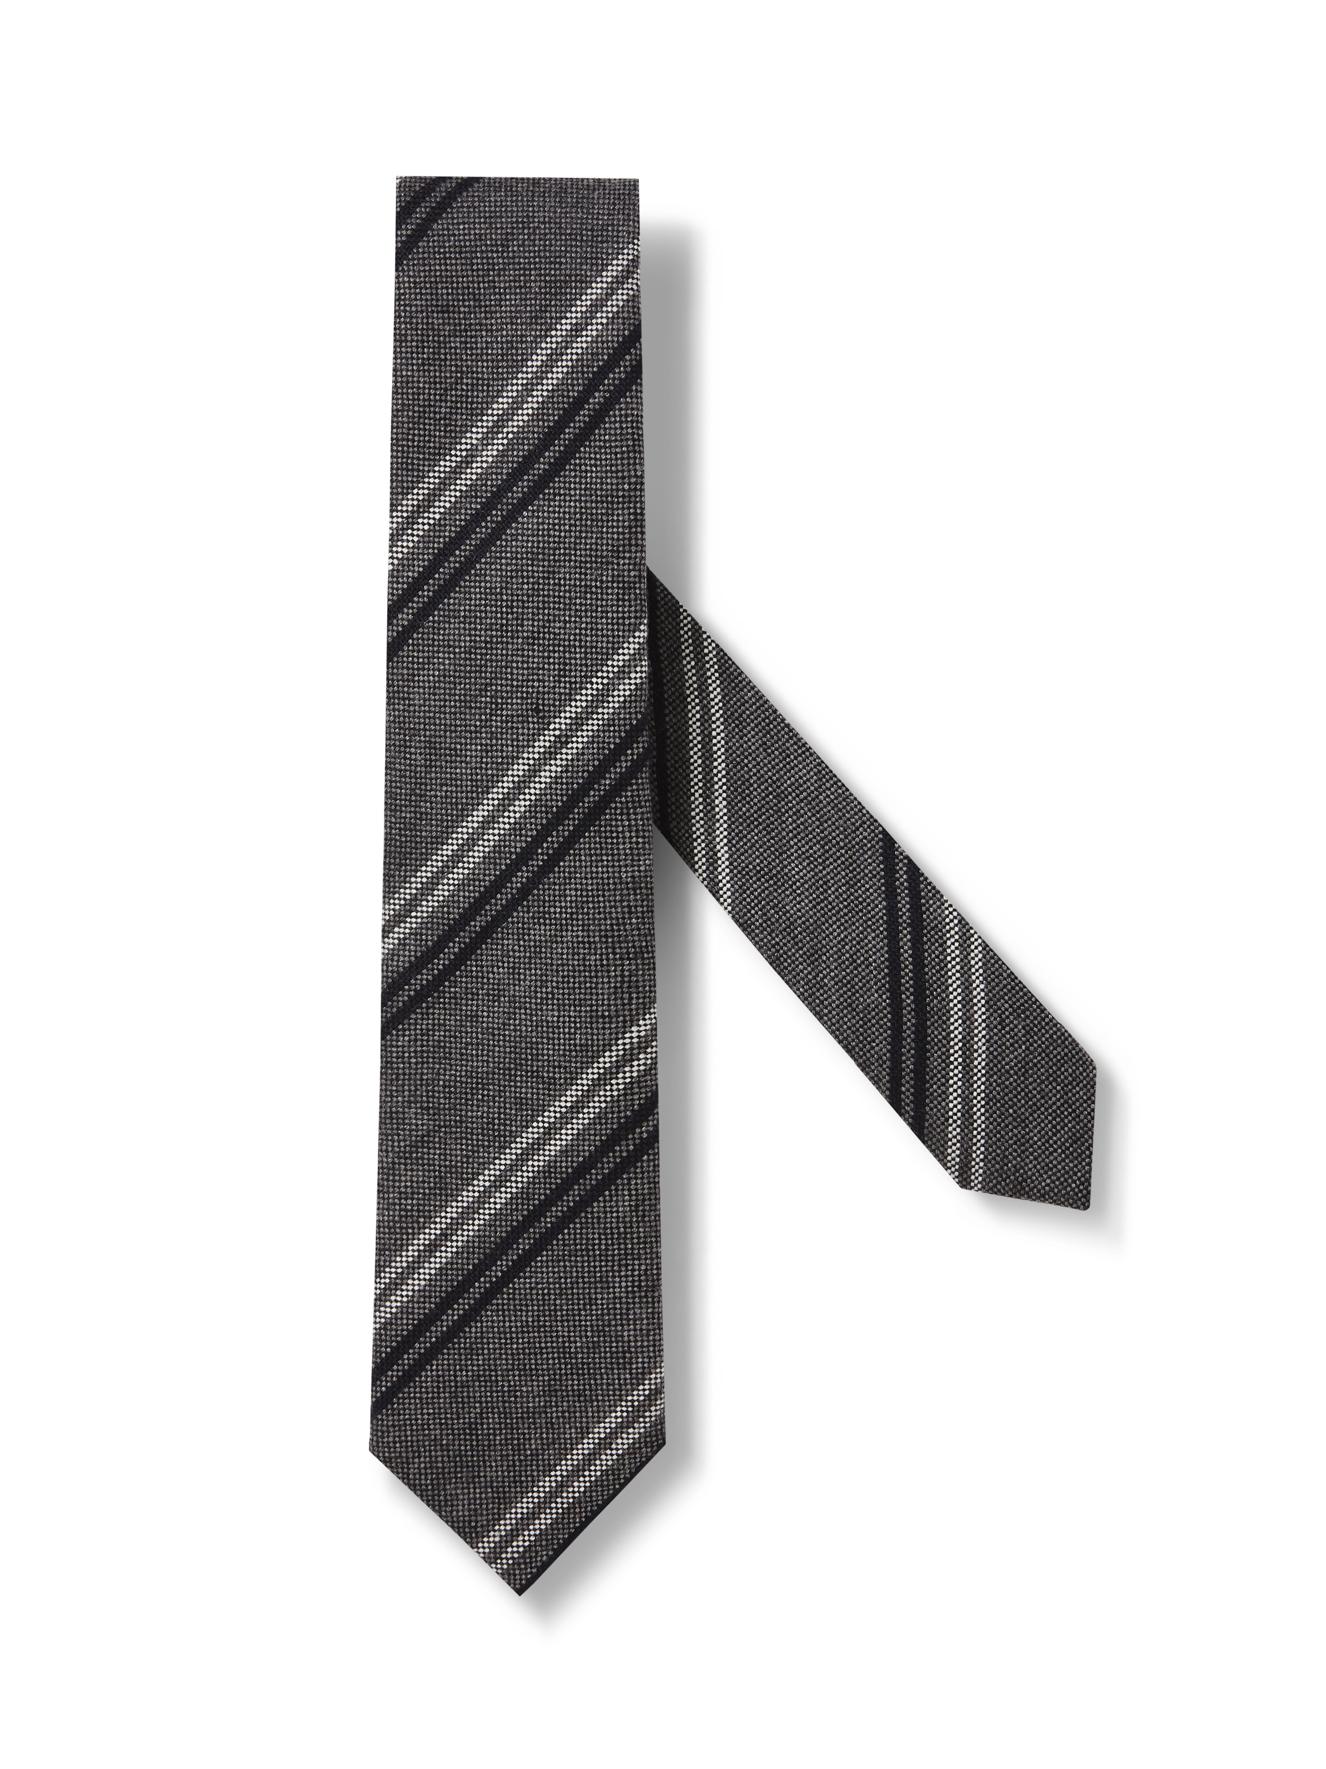 Grey Cashmere Tie By Ermenegildo Zegna